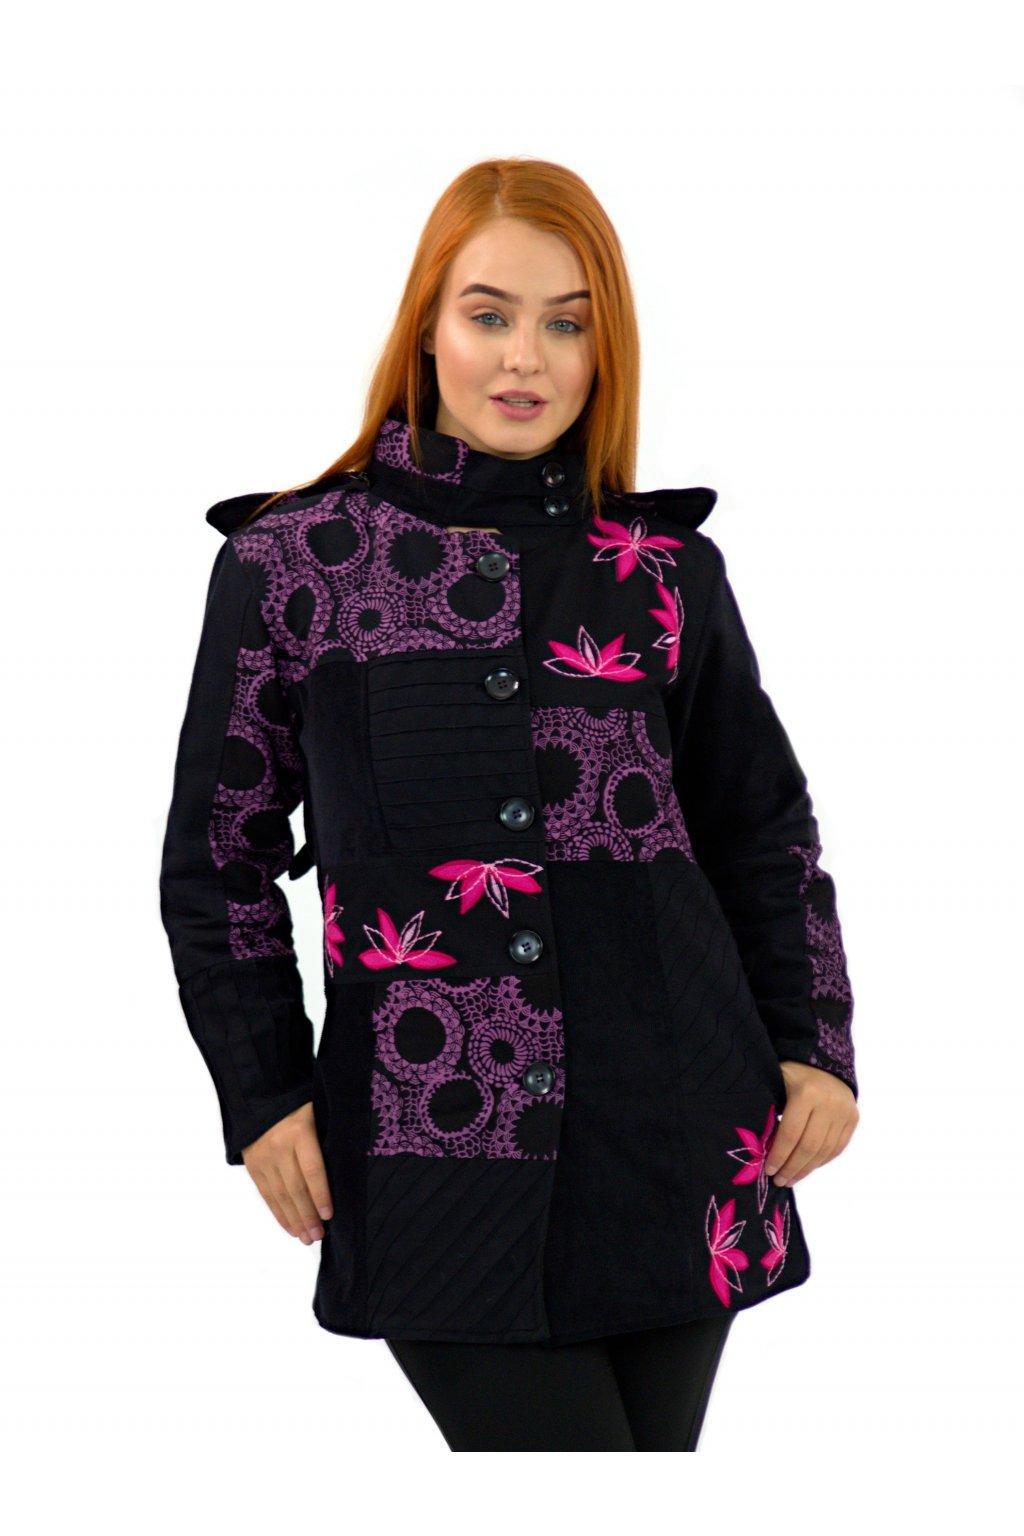 Podzimní/zimní kabát Nepálský lotos - černý s růžovou